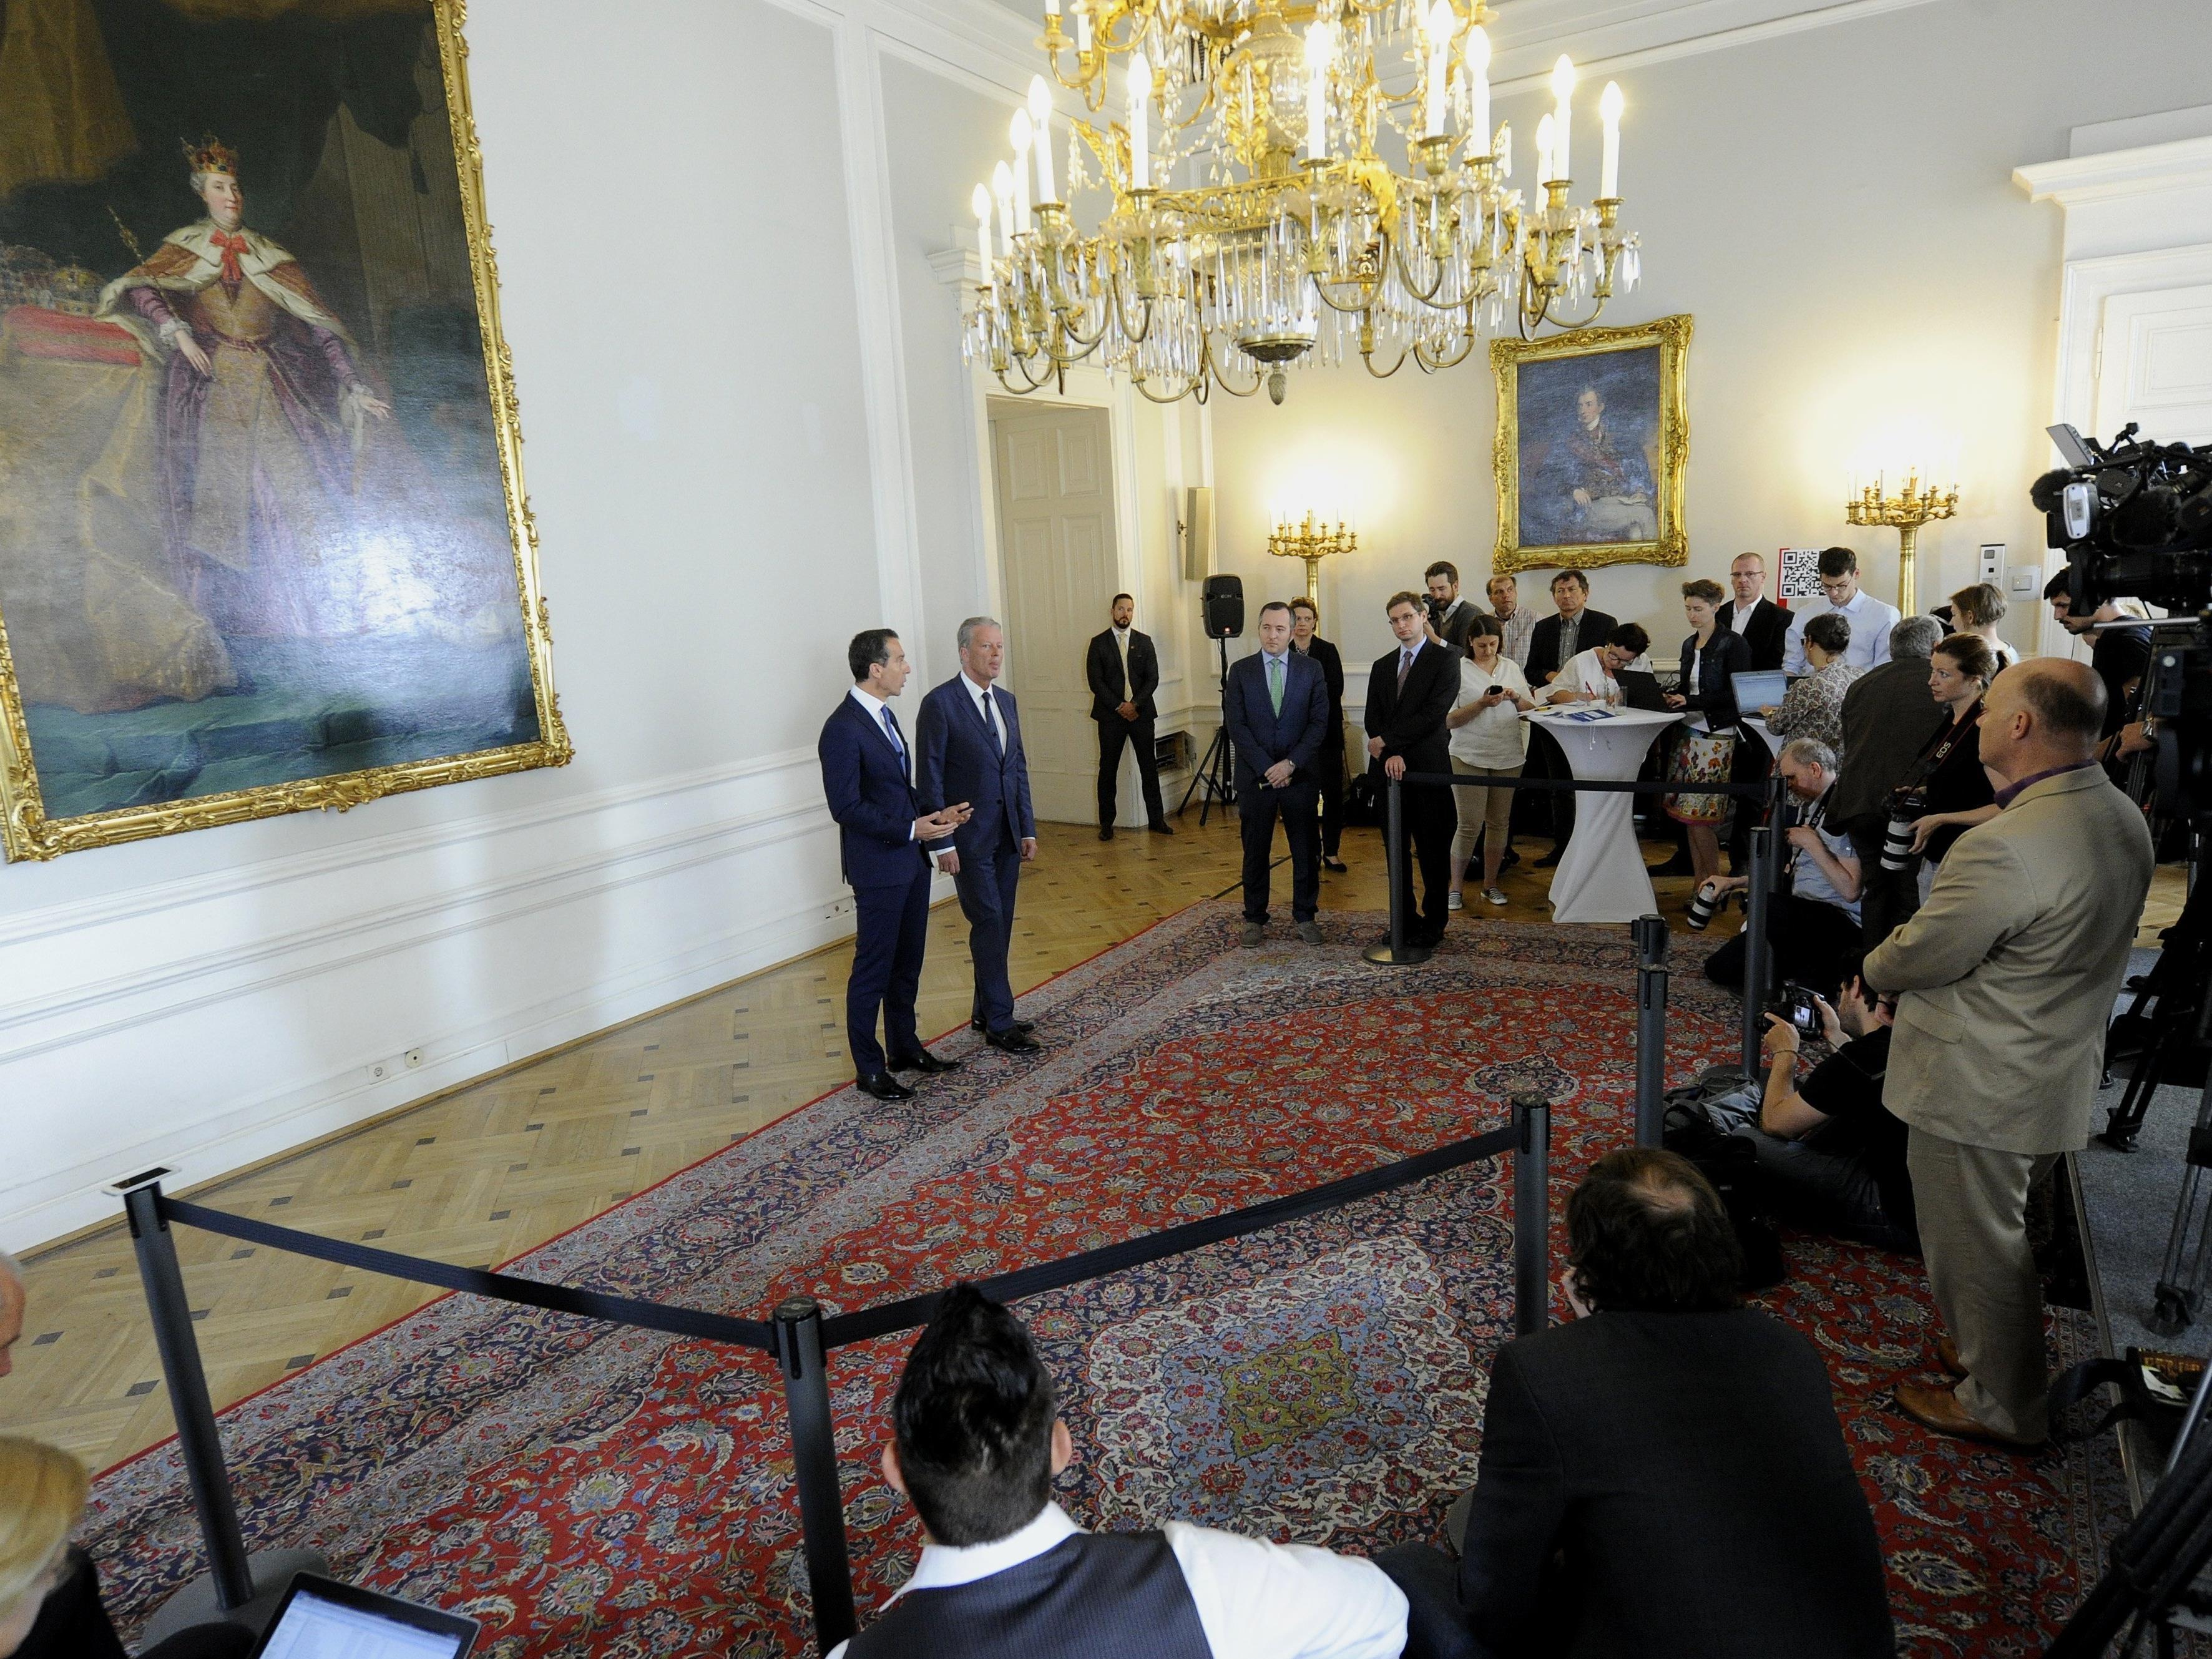 Mittlerweile Geschichte: Beim neuen Ministerrat wird es kein Pressefoyer mehr geben